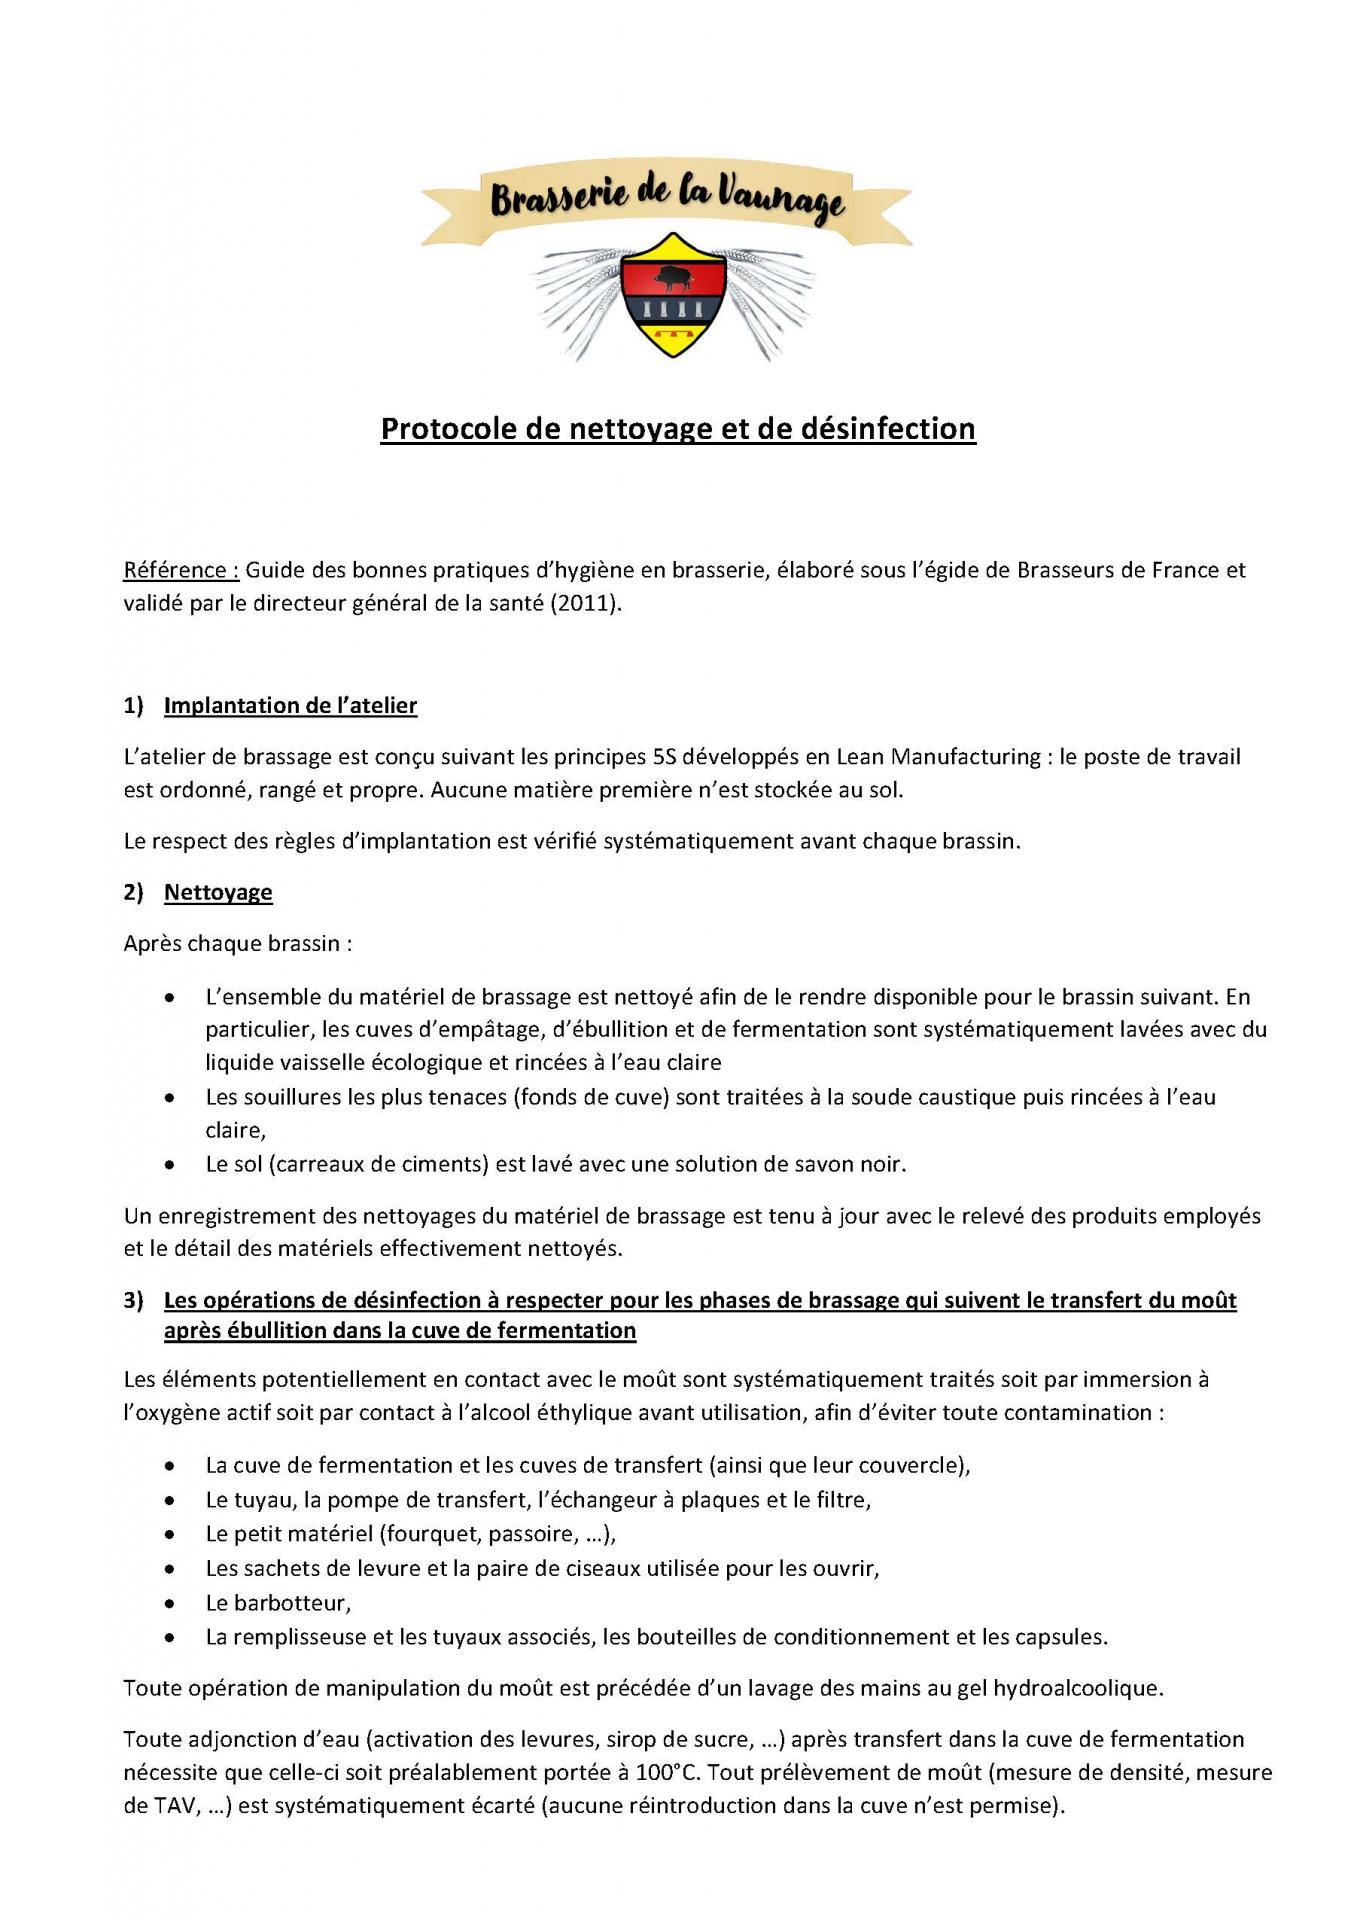 Protocole de nettoyage et desinfection brasserie de la vaunage 3